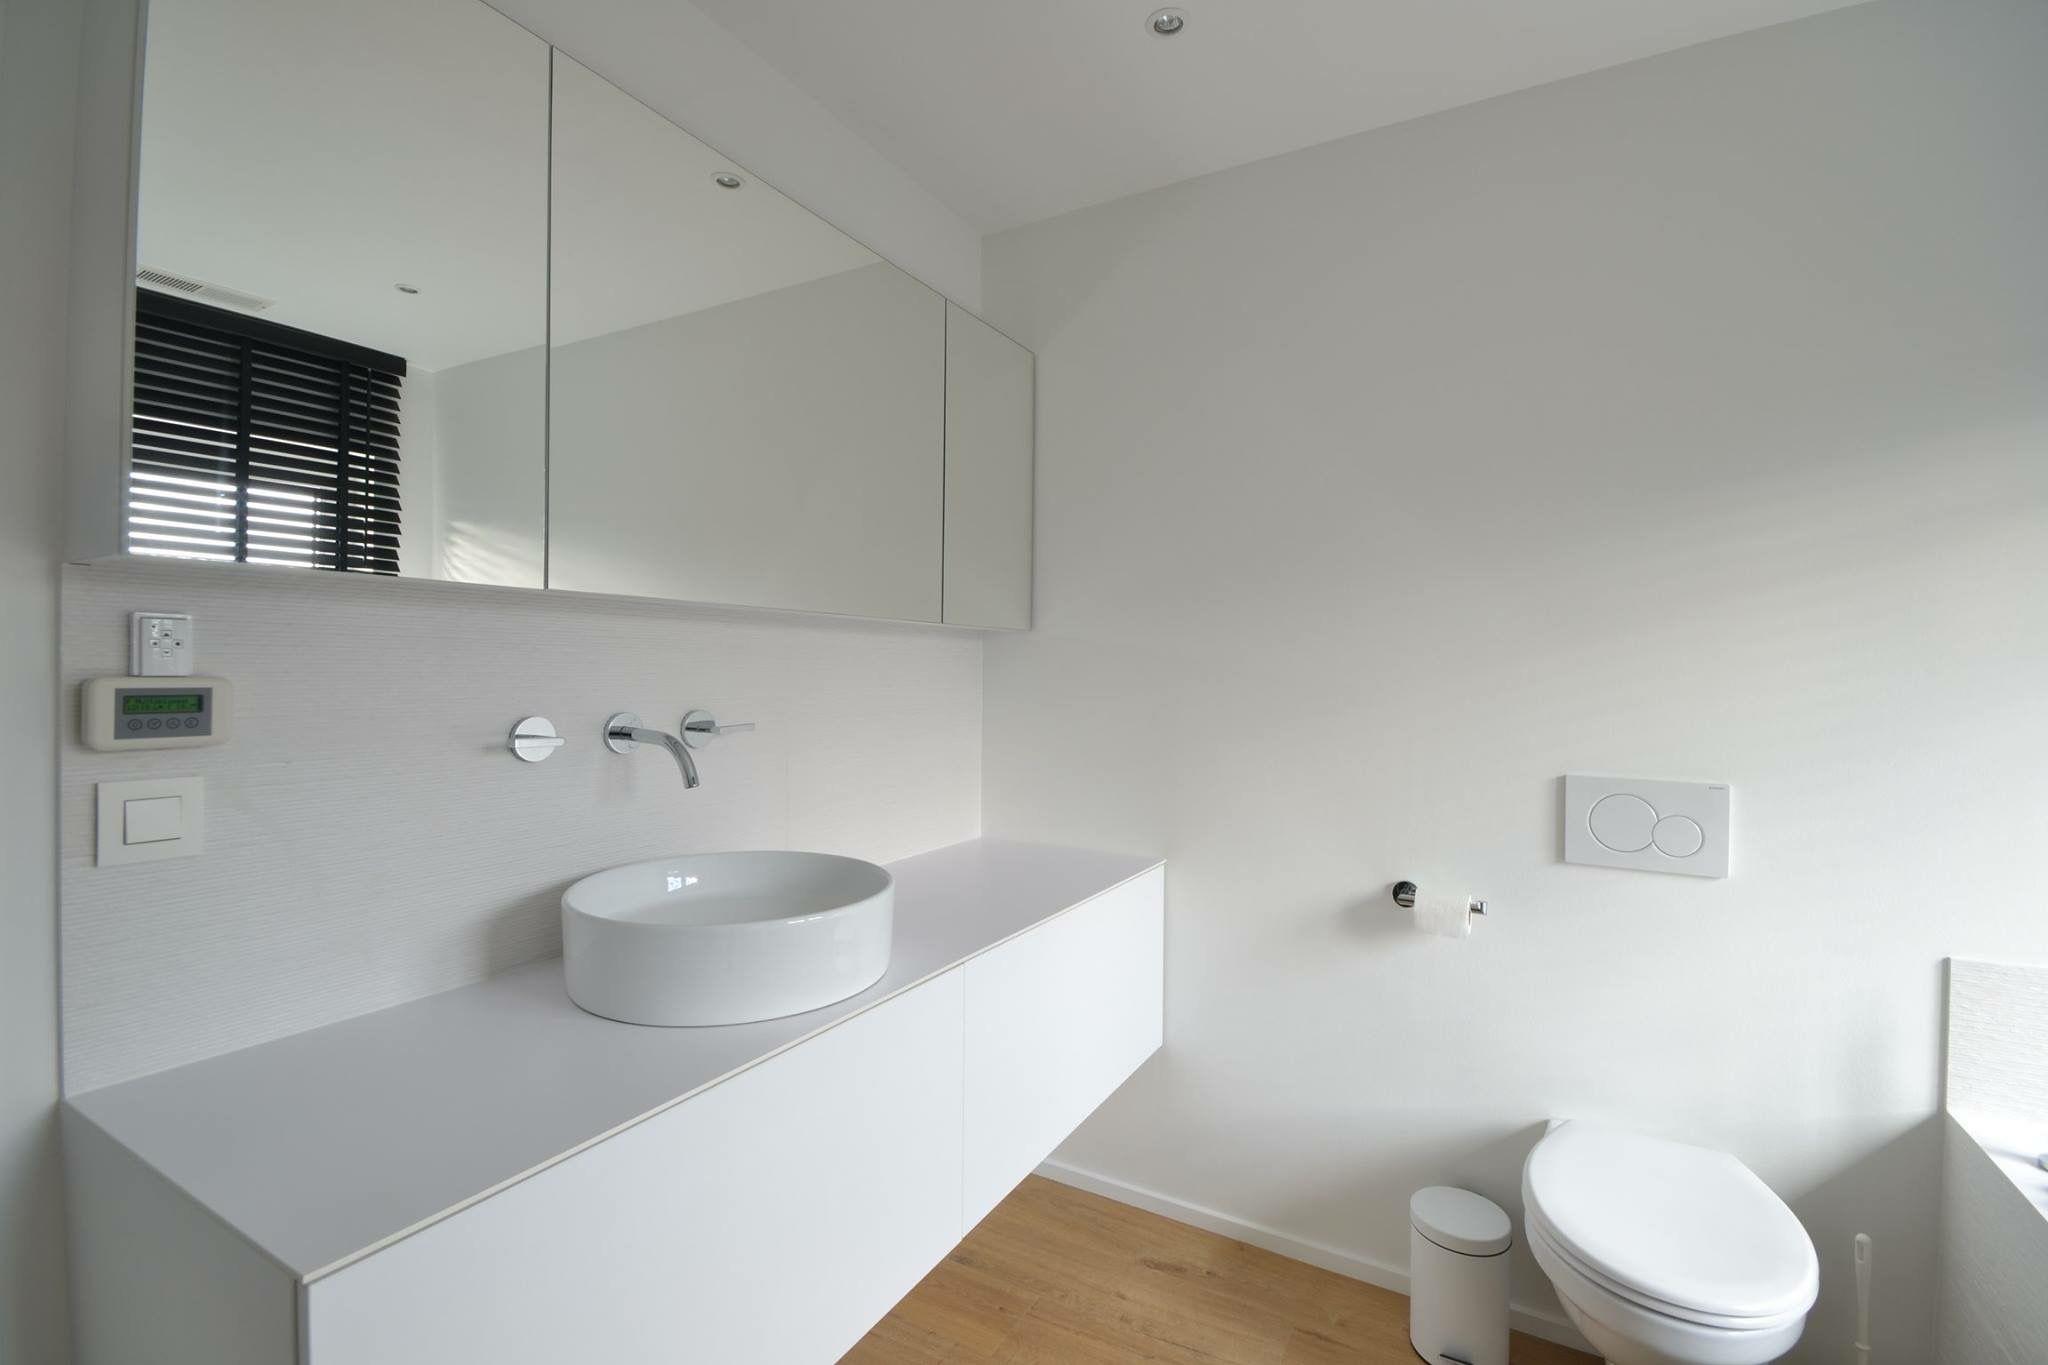 Moderne Witte Badkamer : Moderne witte badkamer ideeën voor het huis pinterest